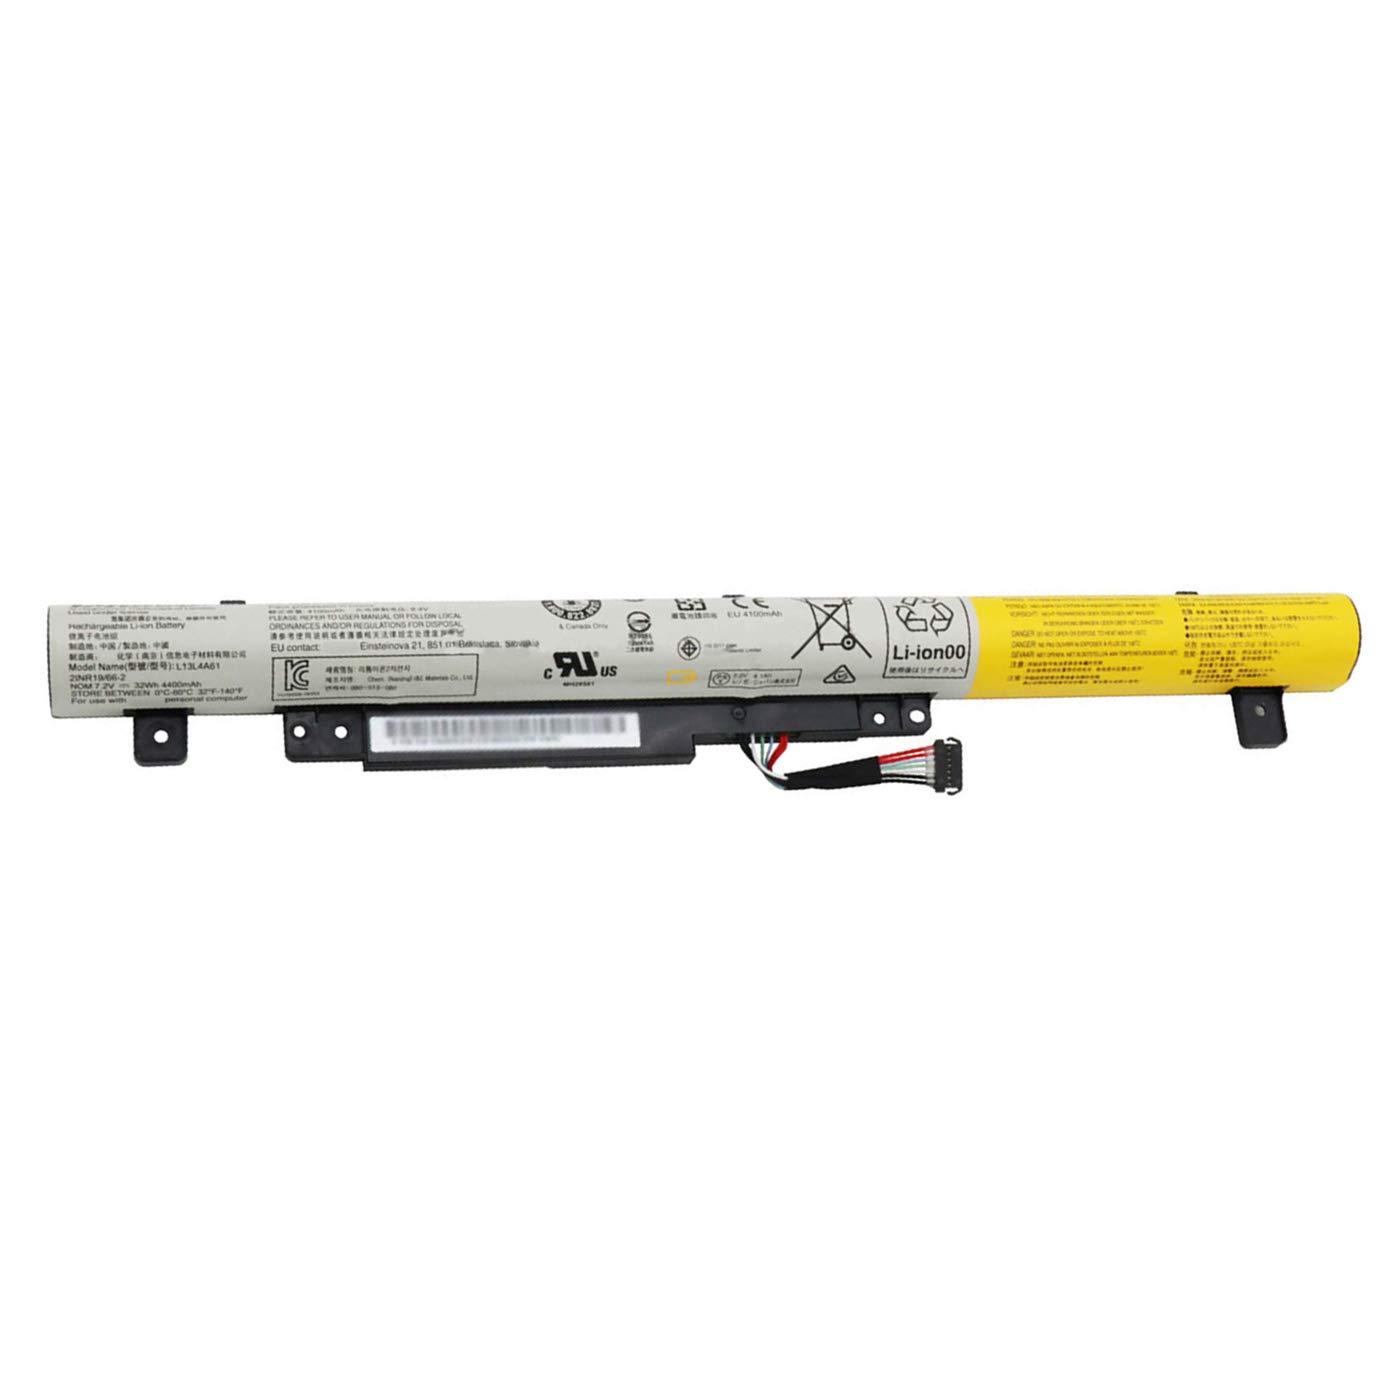 Bateria para Lenovo L13L4A61 7.2V 32Wh 4400mAh Flex2 14 15 15D Series L13M4A61 L13L4E61 2ICR19/66-2 L13S4A61-12-Month